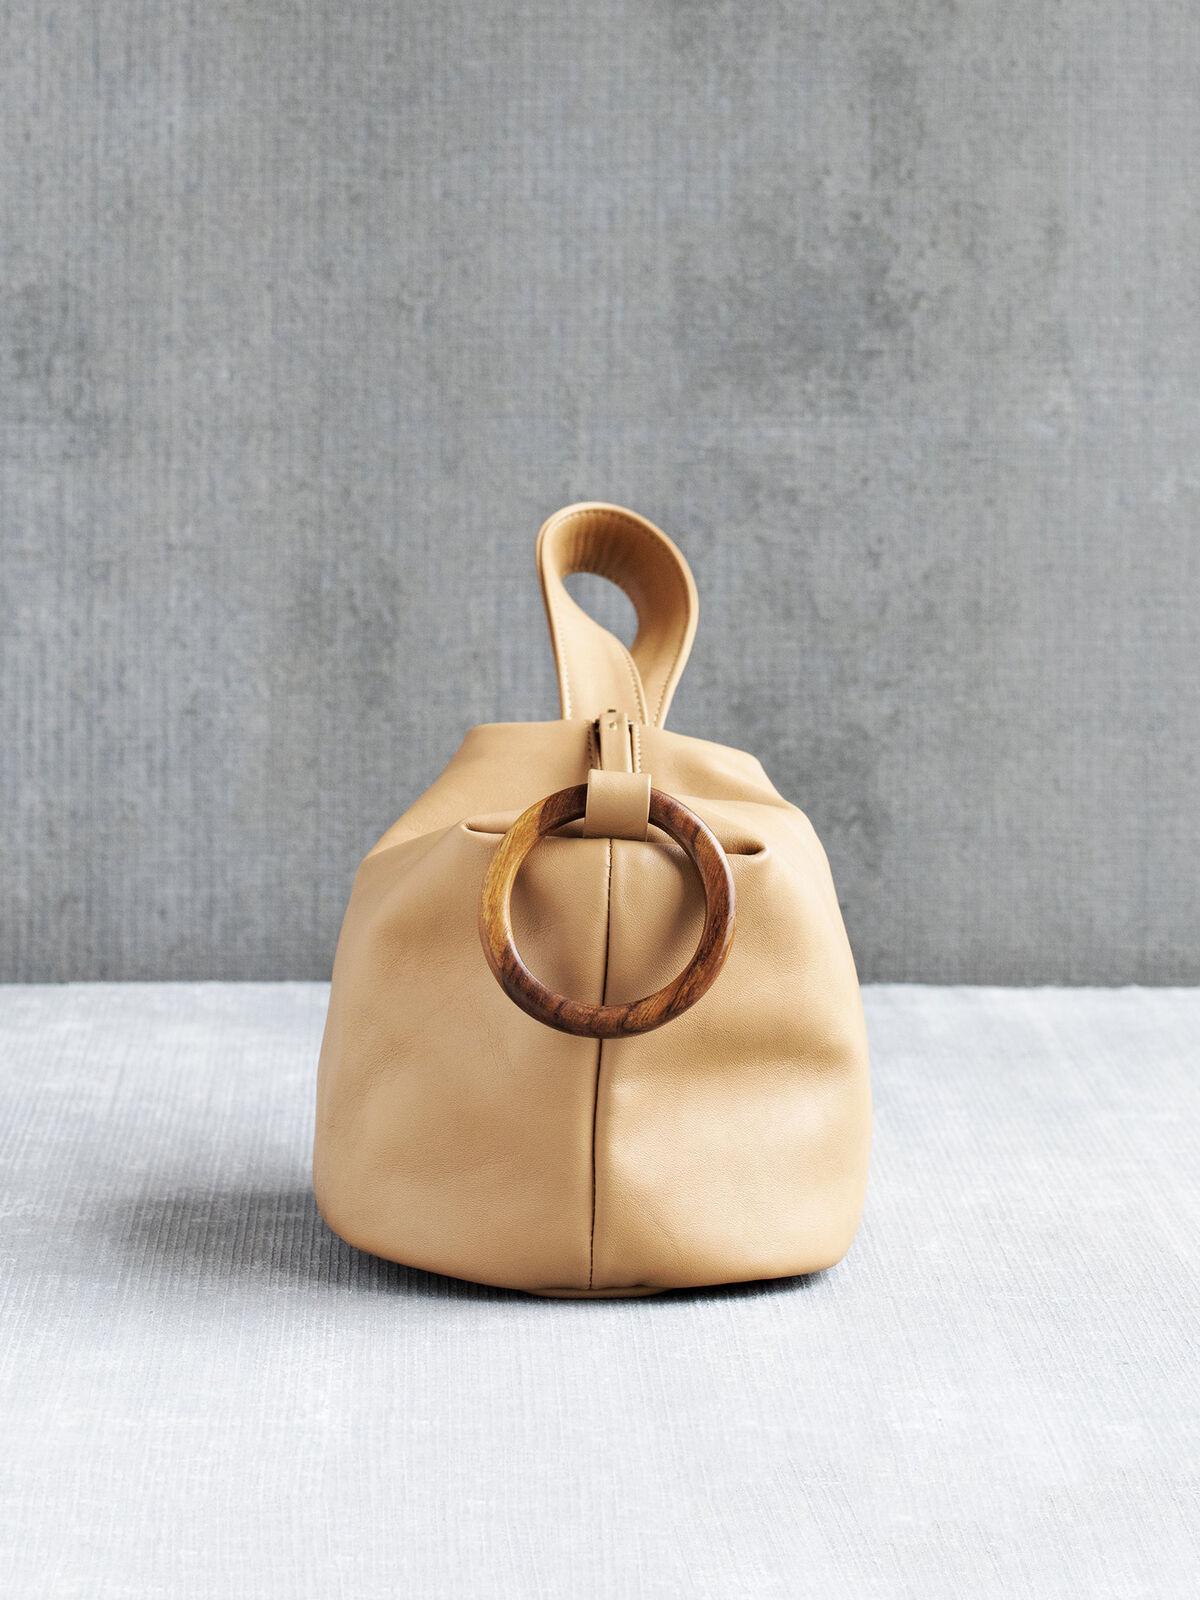 Payton James Pouch Bag